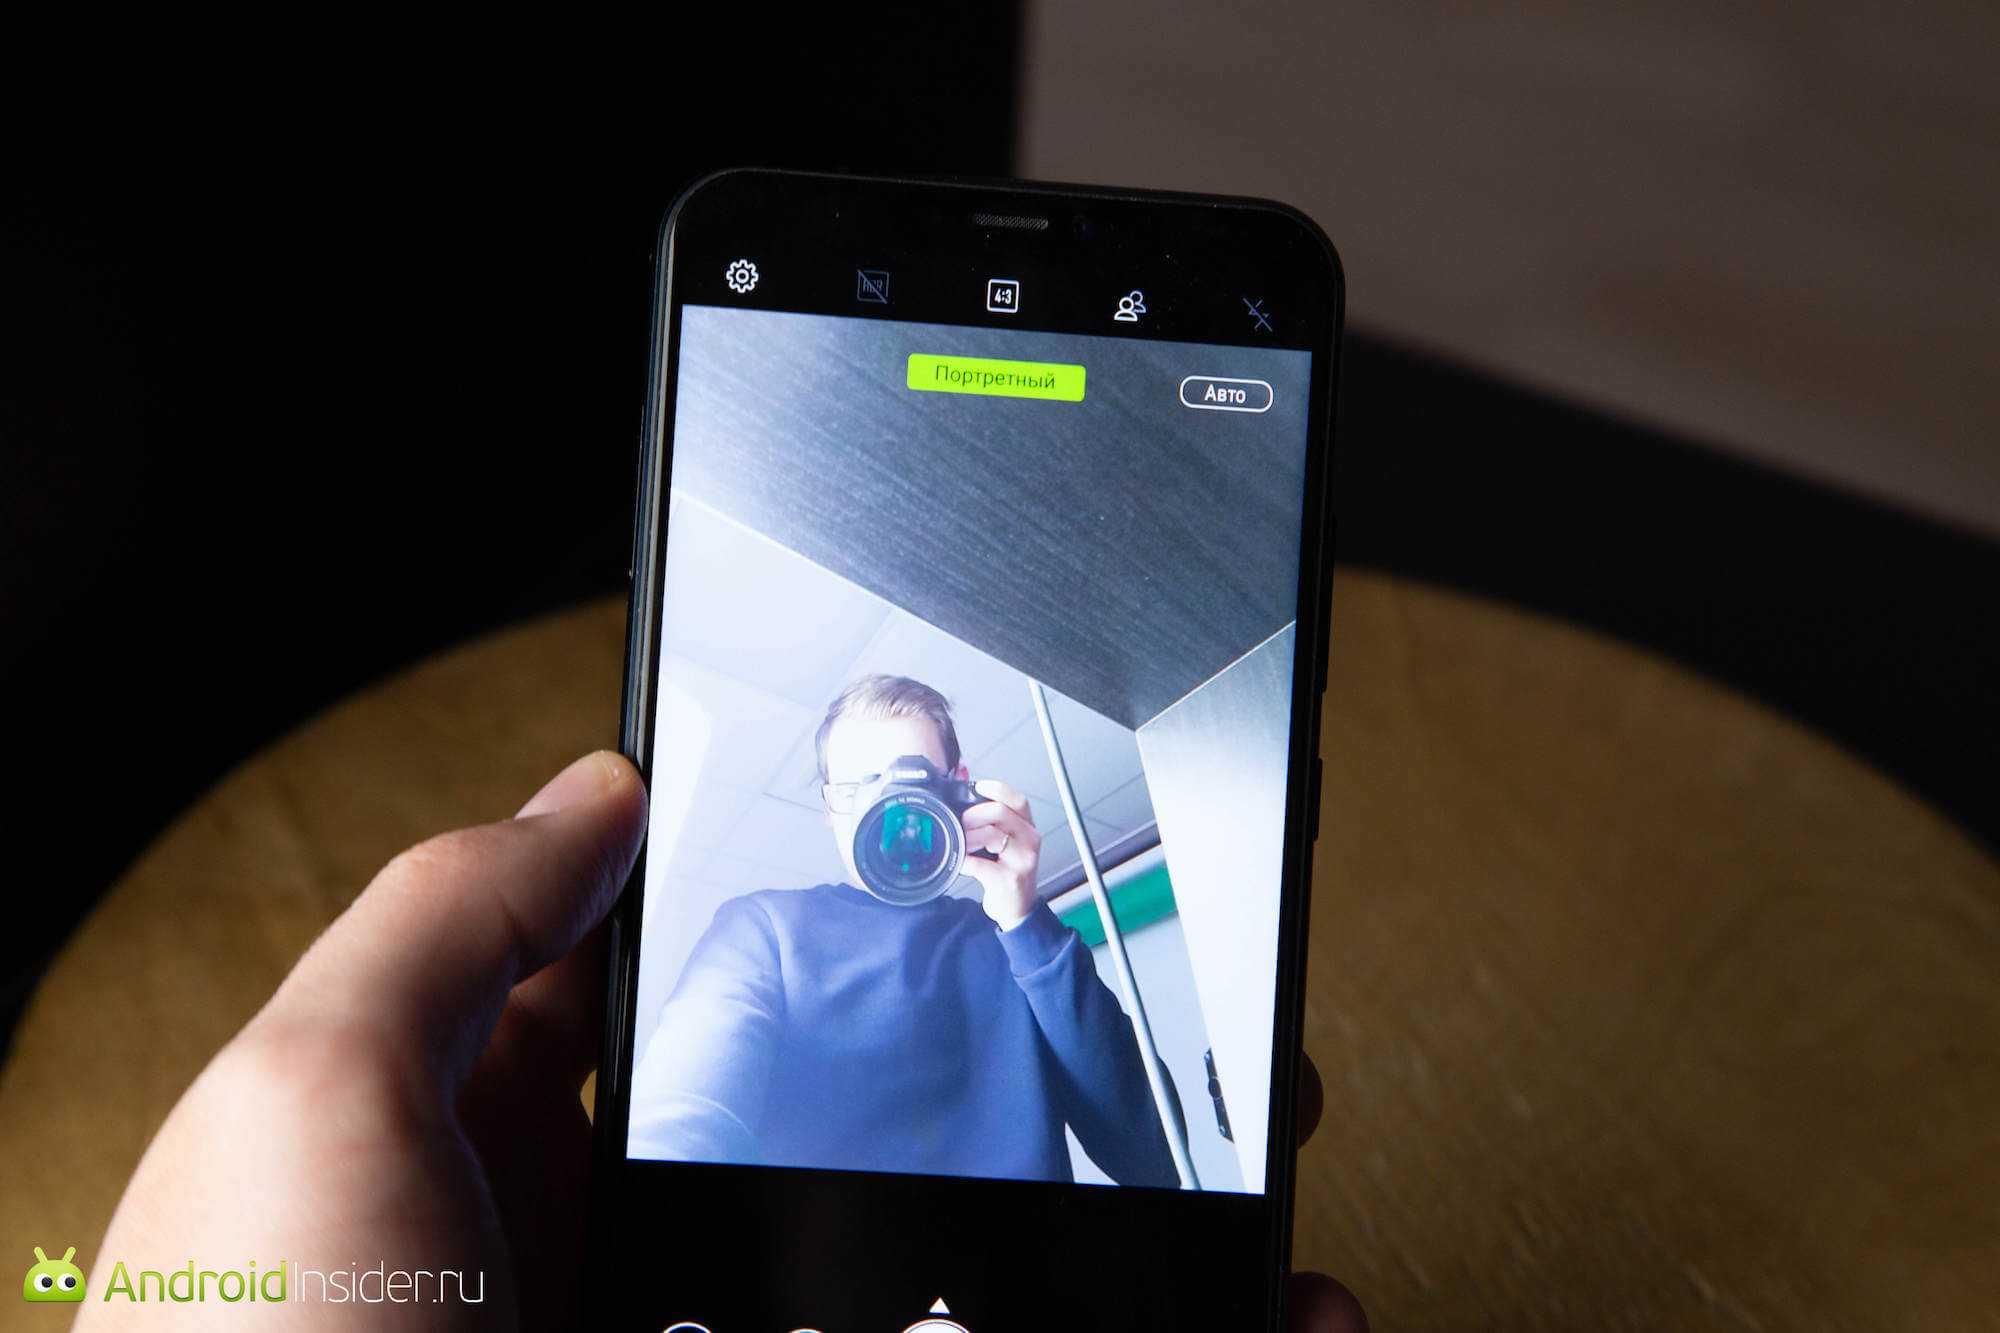 В сети появились результаты прохождения тестов смартфона Asus Zenfone 6 в AnTuTu Напомним презентация новинки должна состояться 16 мая на территории Испании Стоит